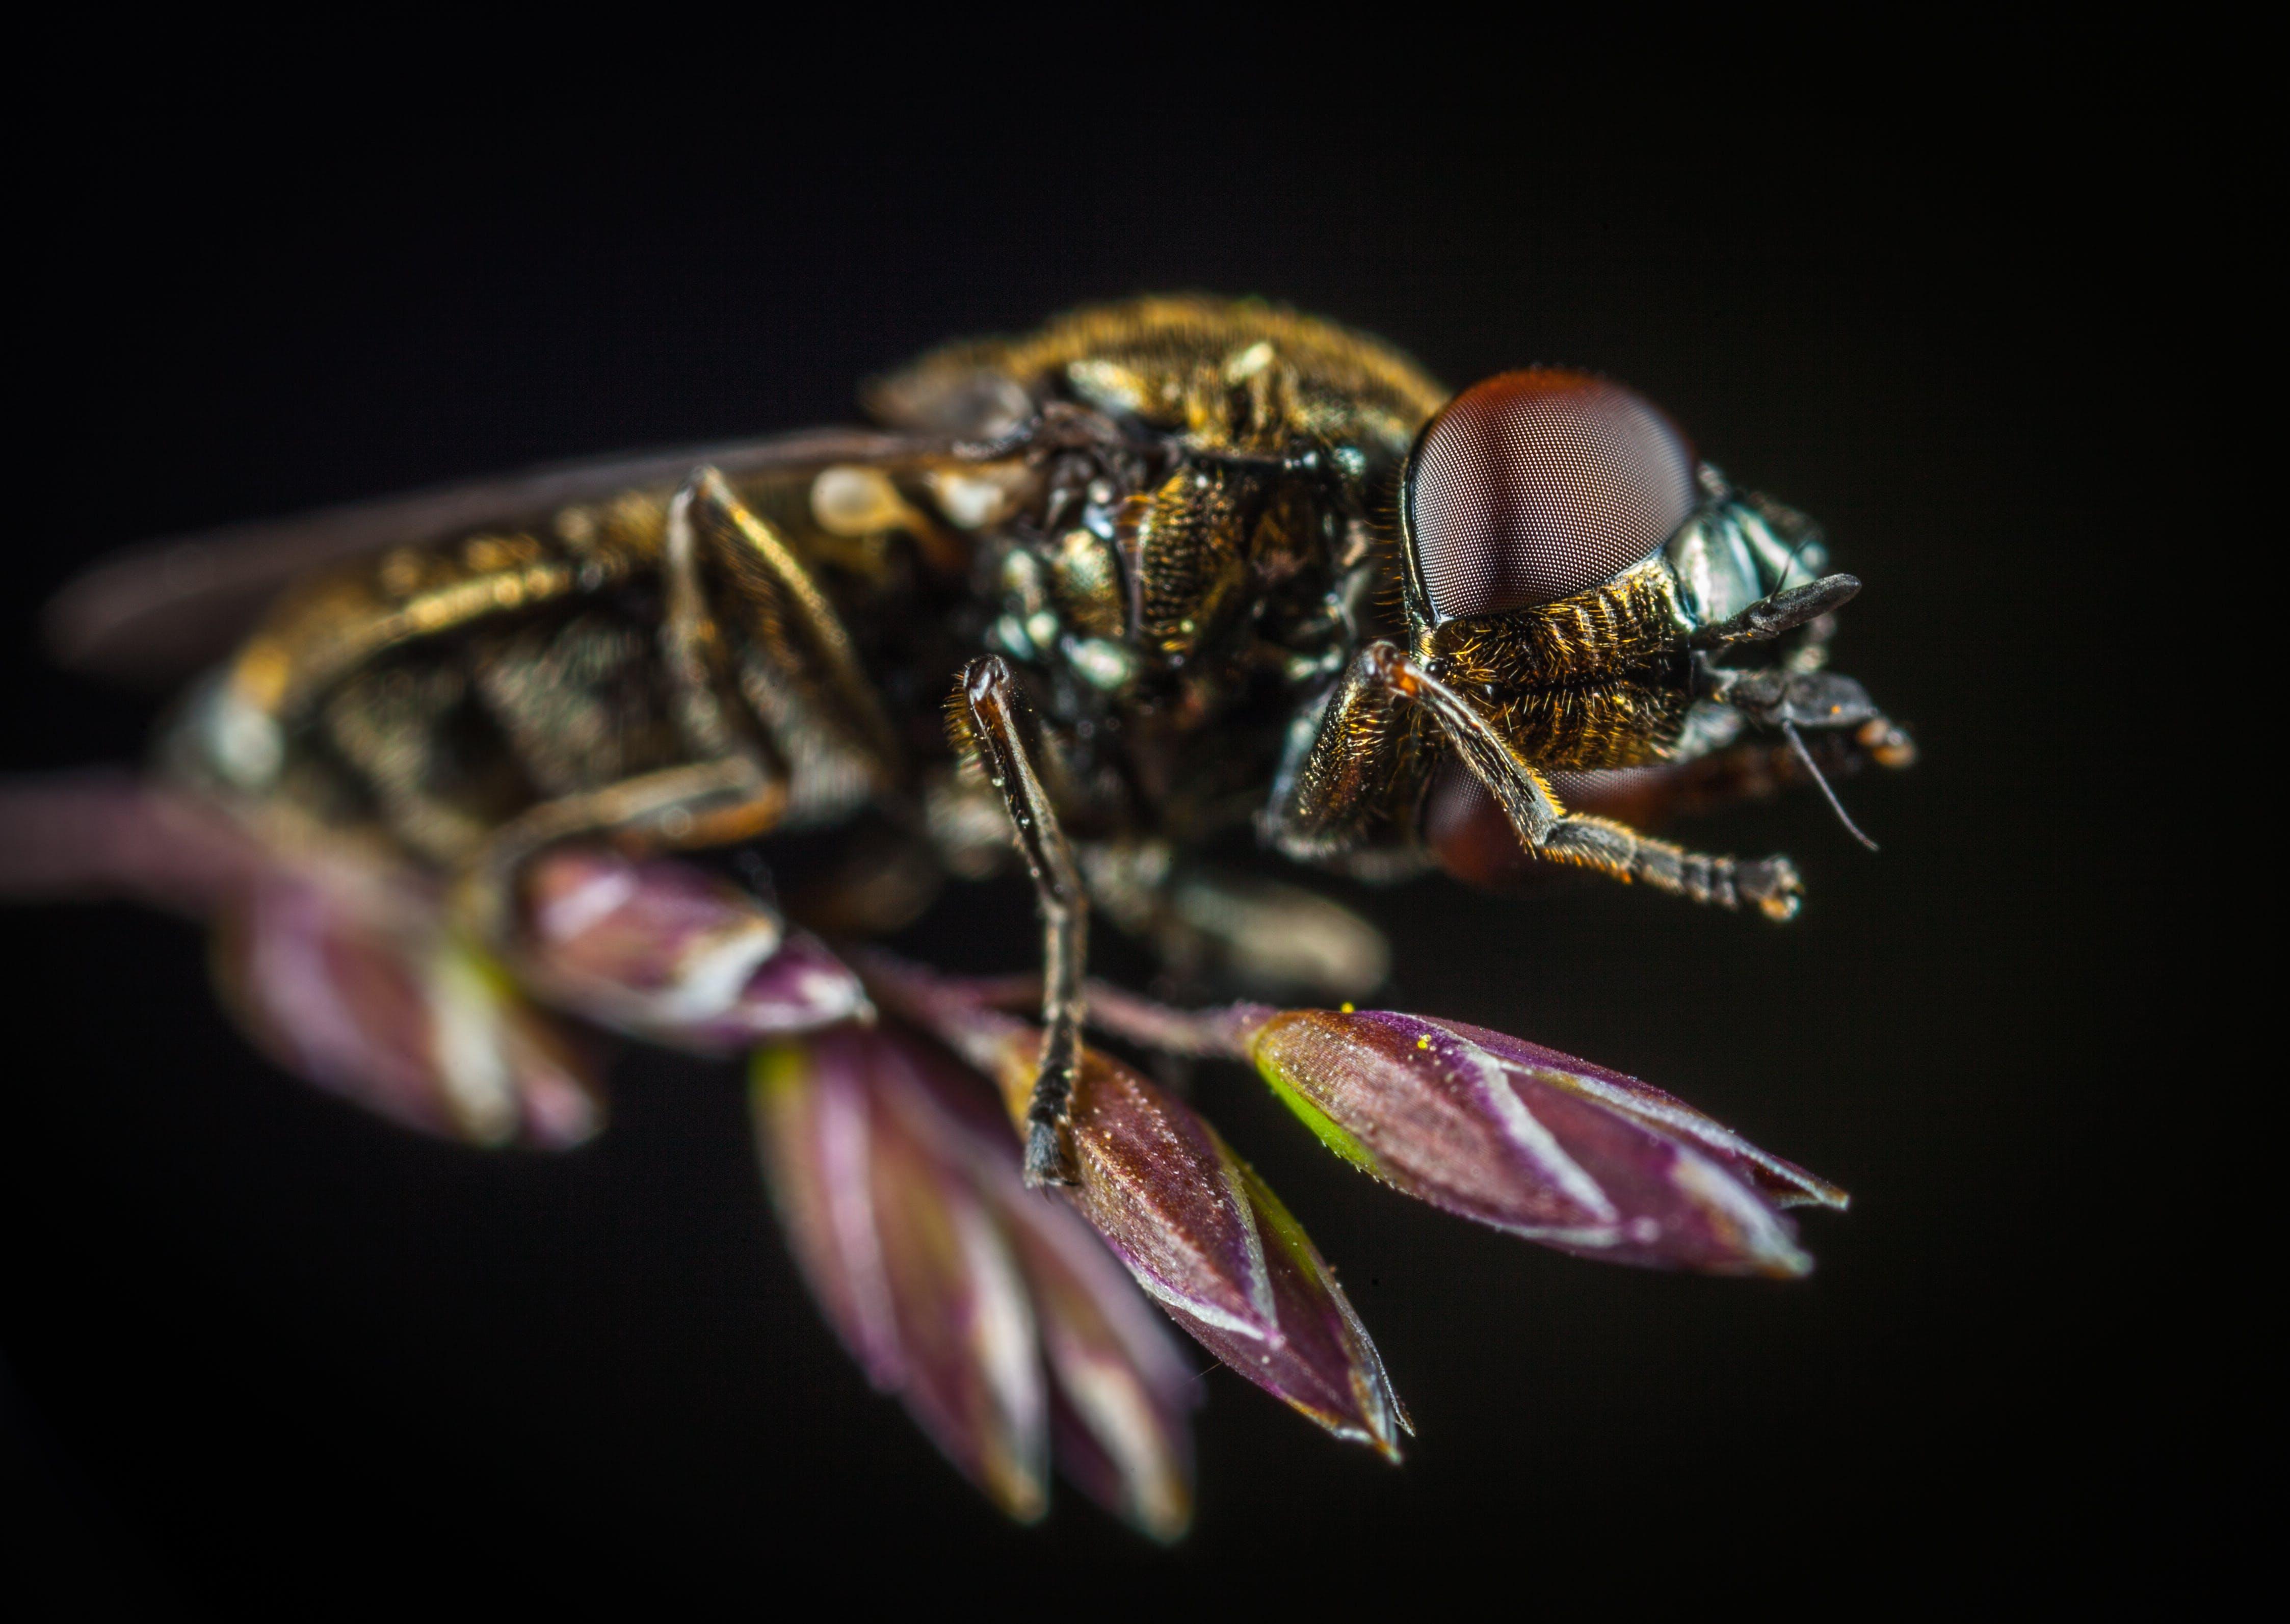 Безкоштовне стокове фото на тему «біологія, Безхребетні, великий план, дика природа»